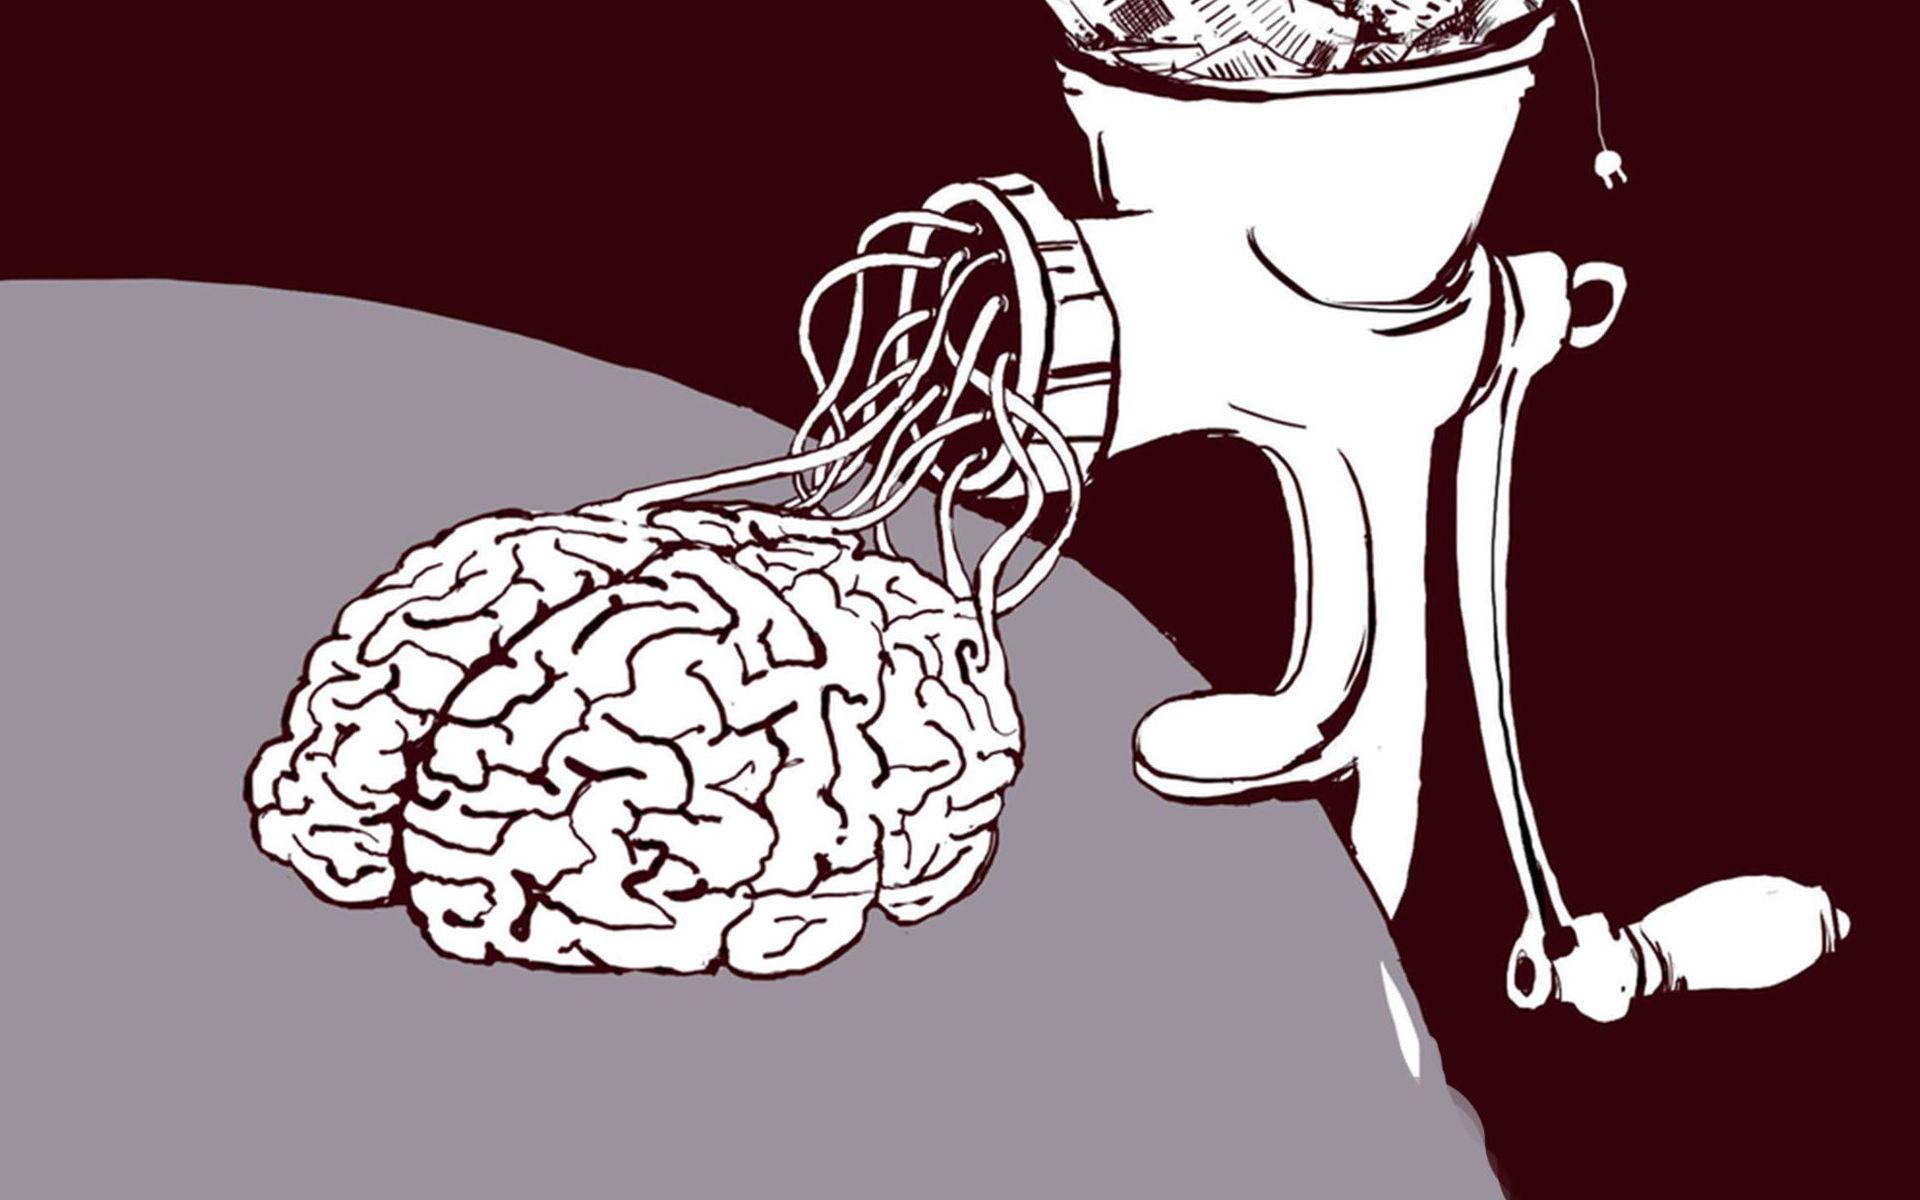 выедает мозг картинки нас размещены объявления